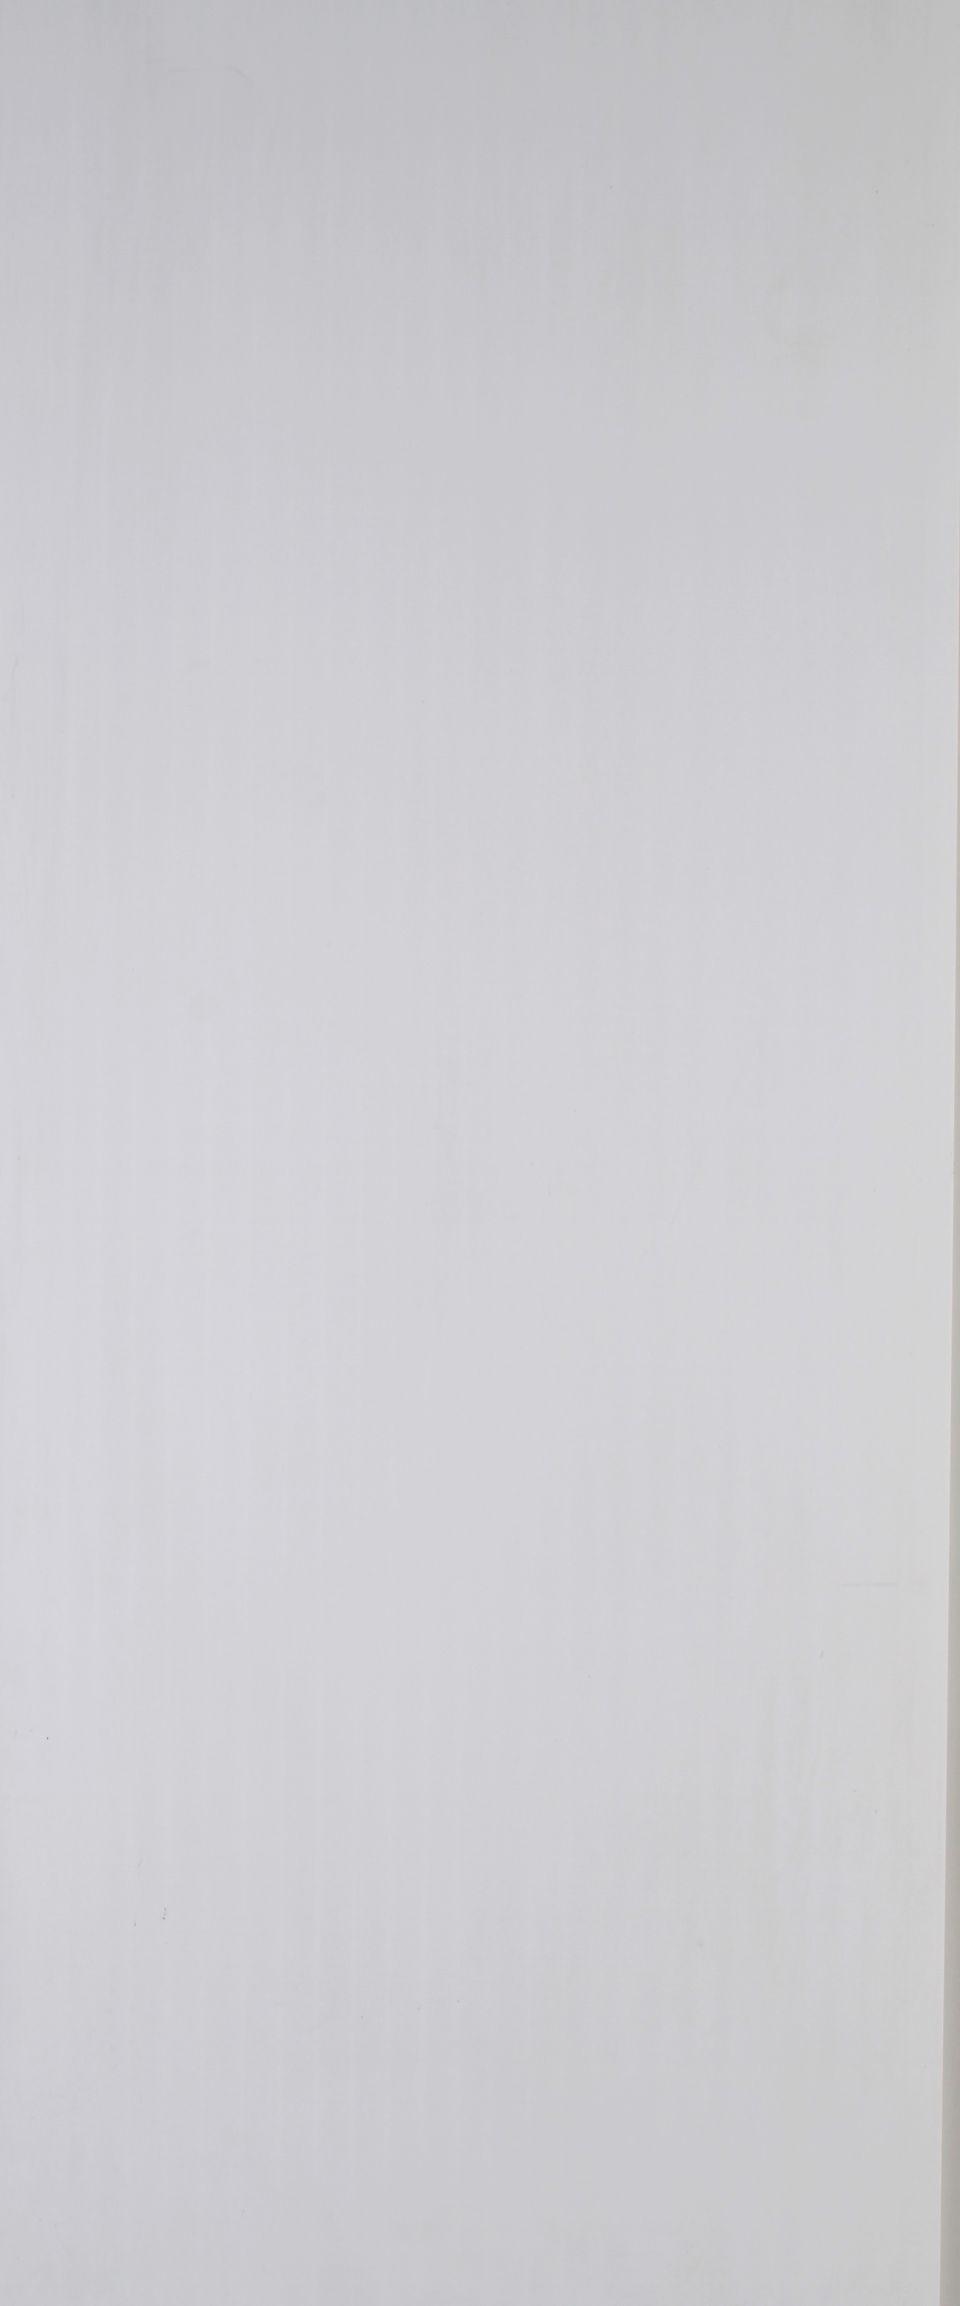 Панель ПВХ белая матовая 250х2700х8 мм